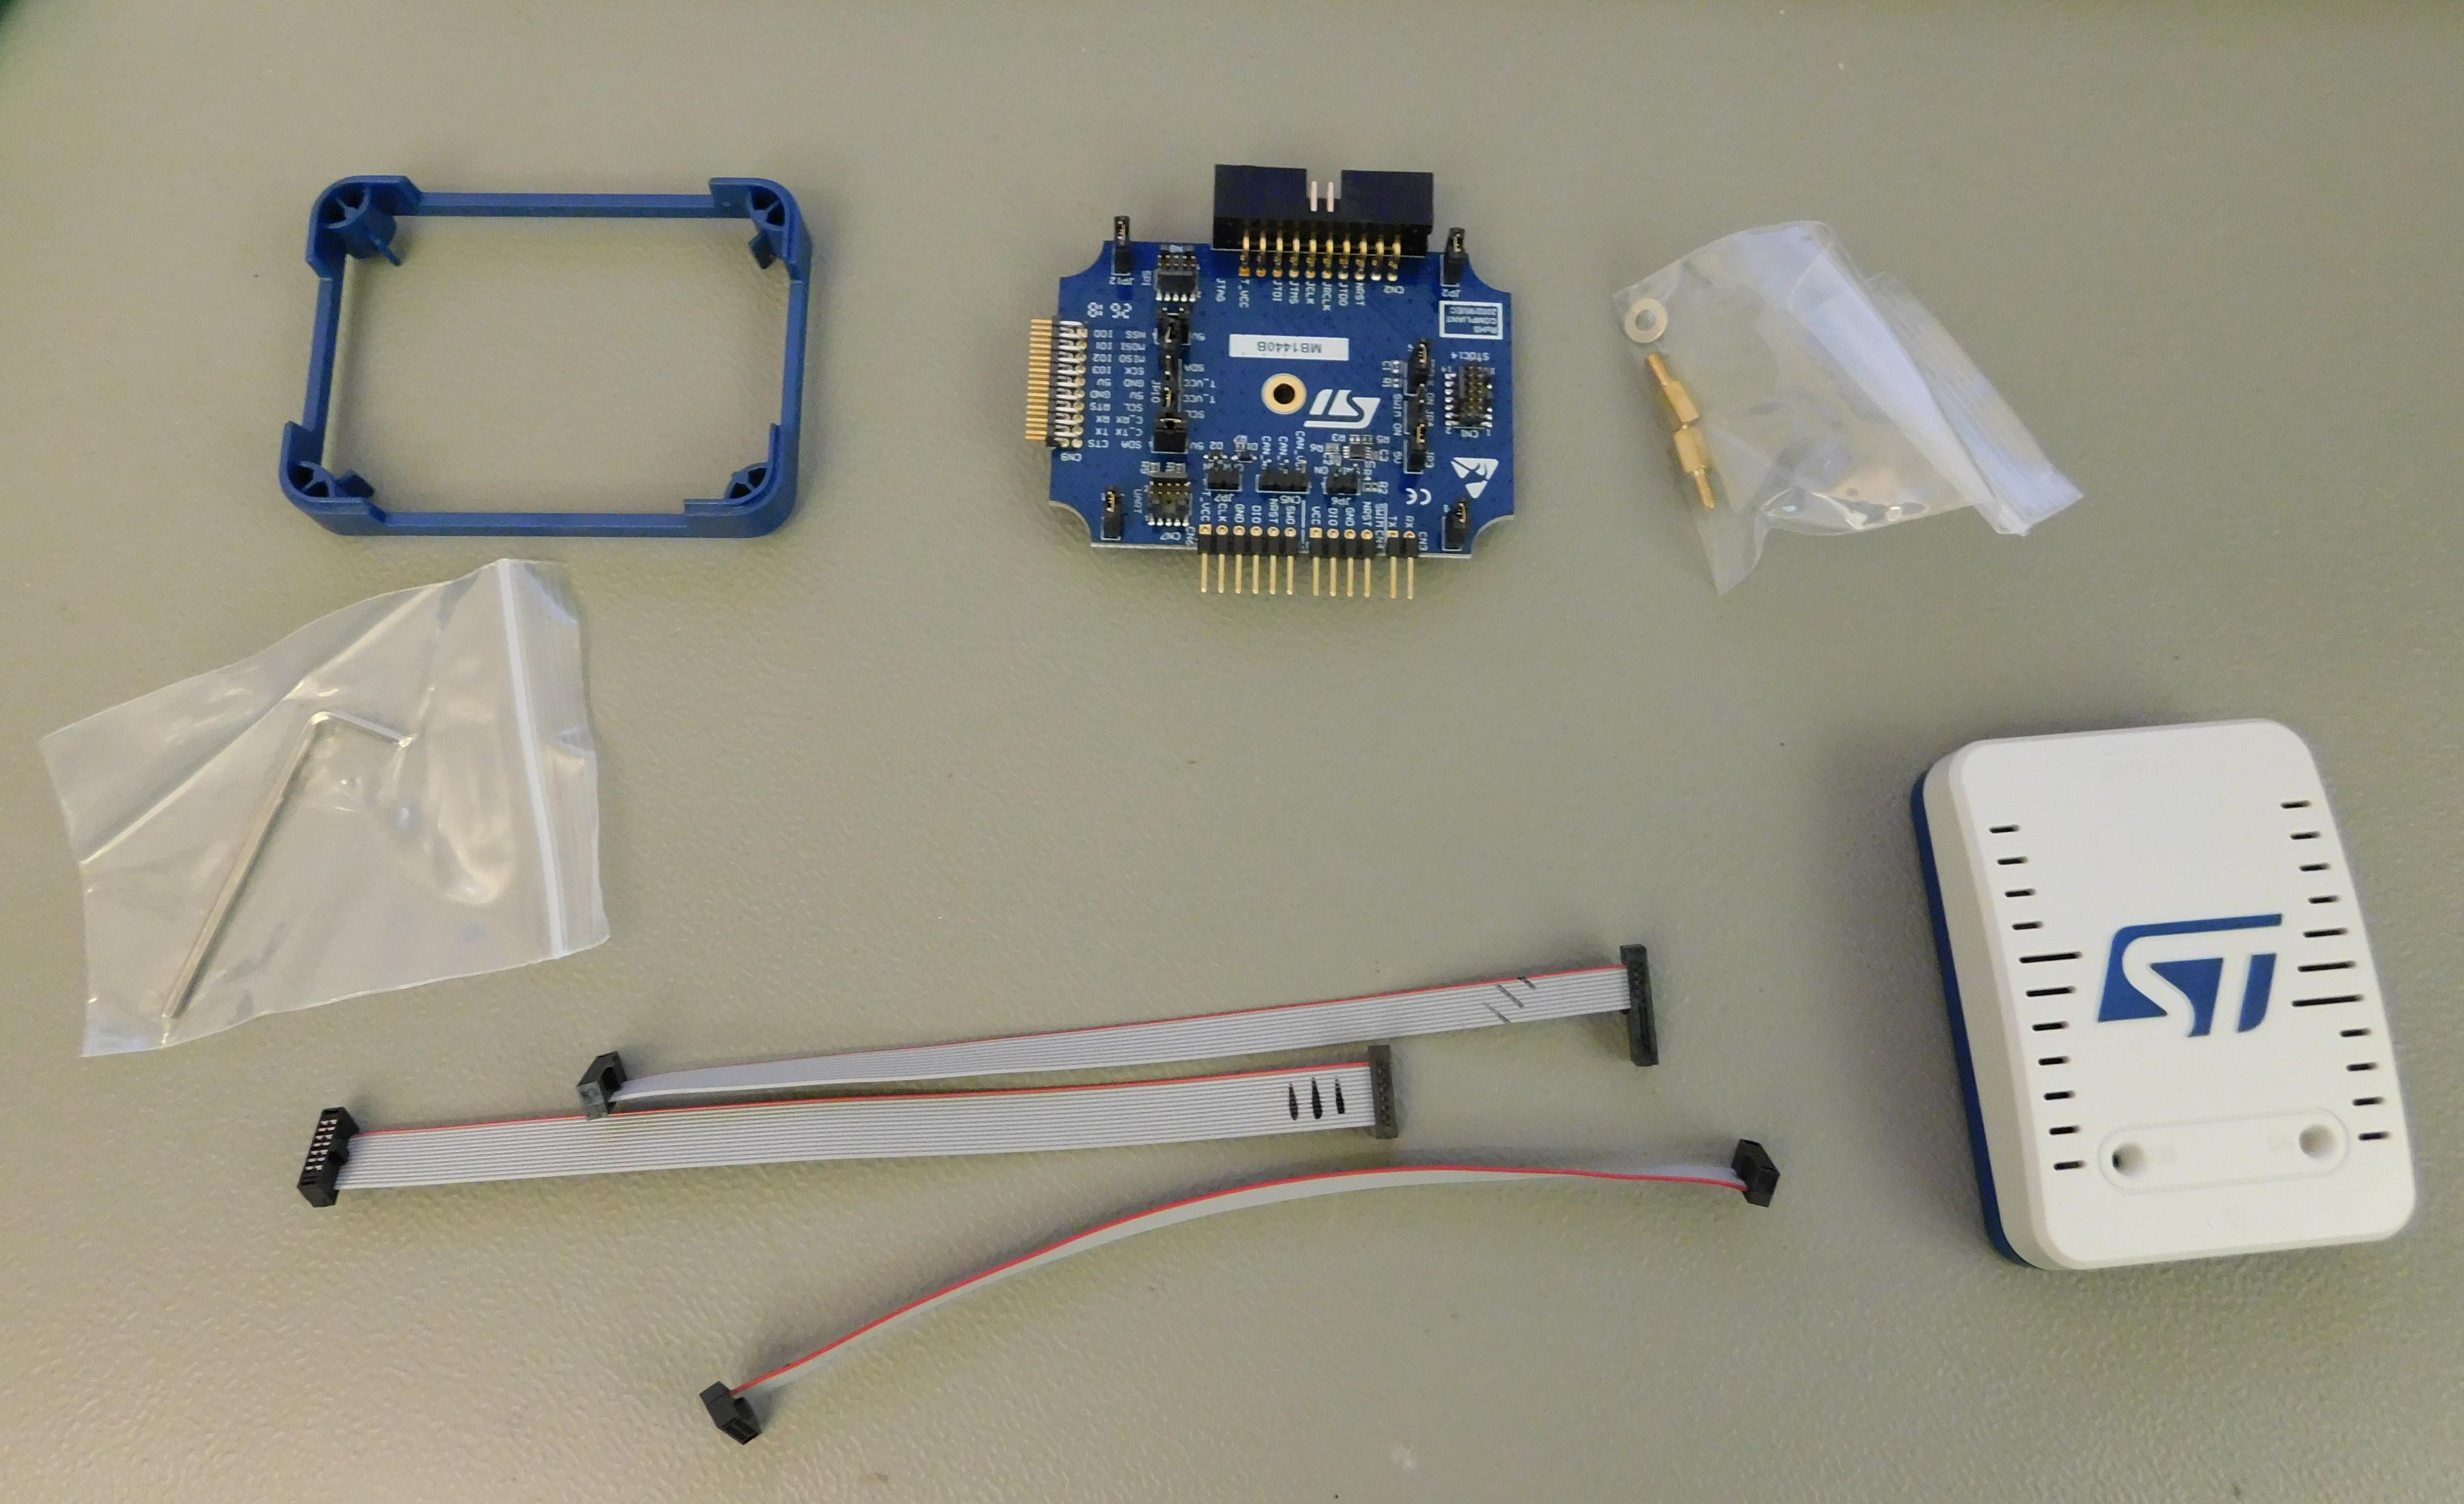 STLink-V3 Modular Debugger & Programmer for STM32/STM8 Adds I2C, SPI